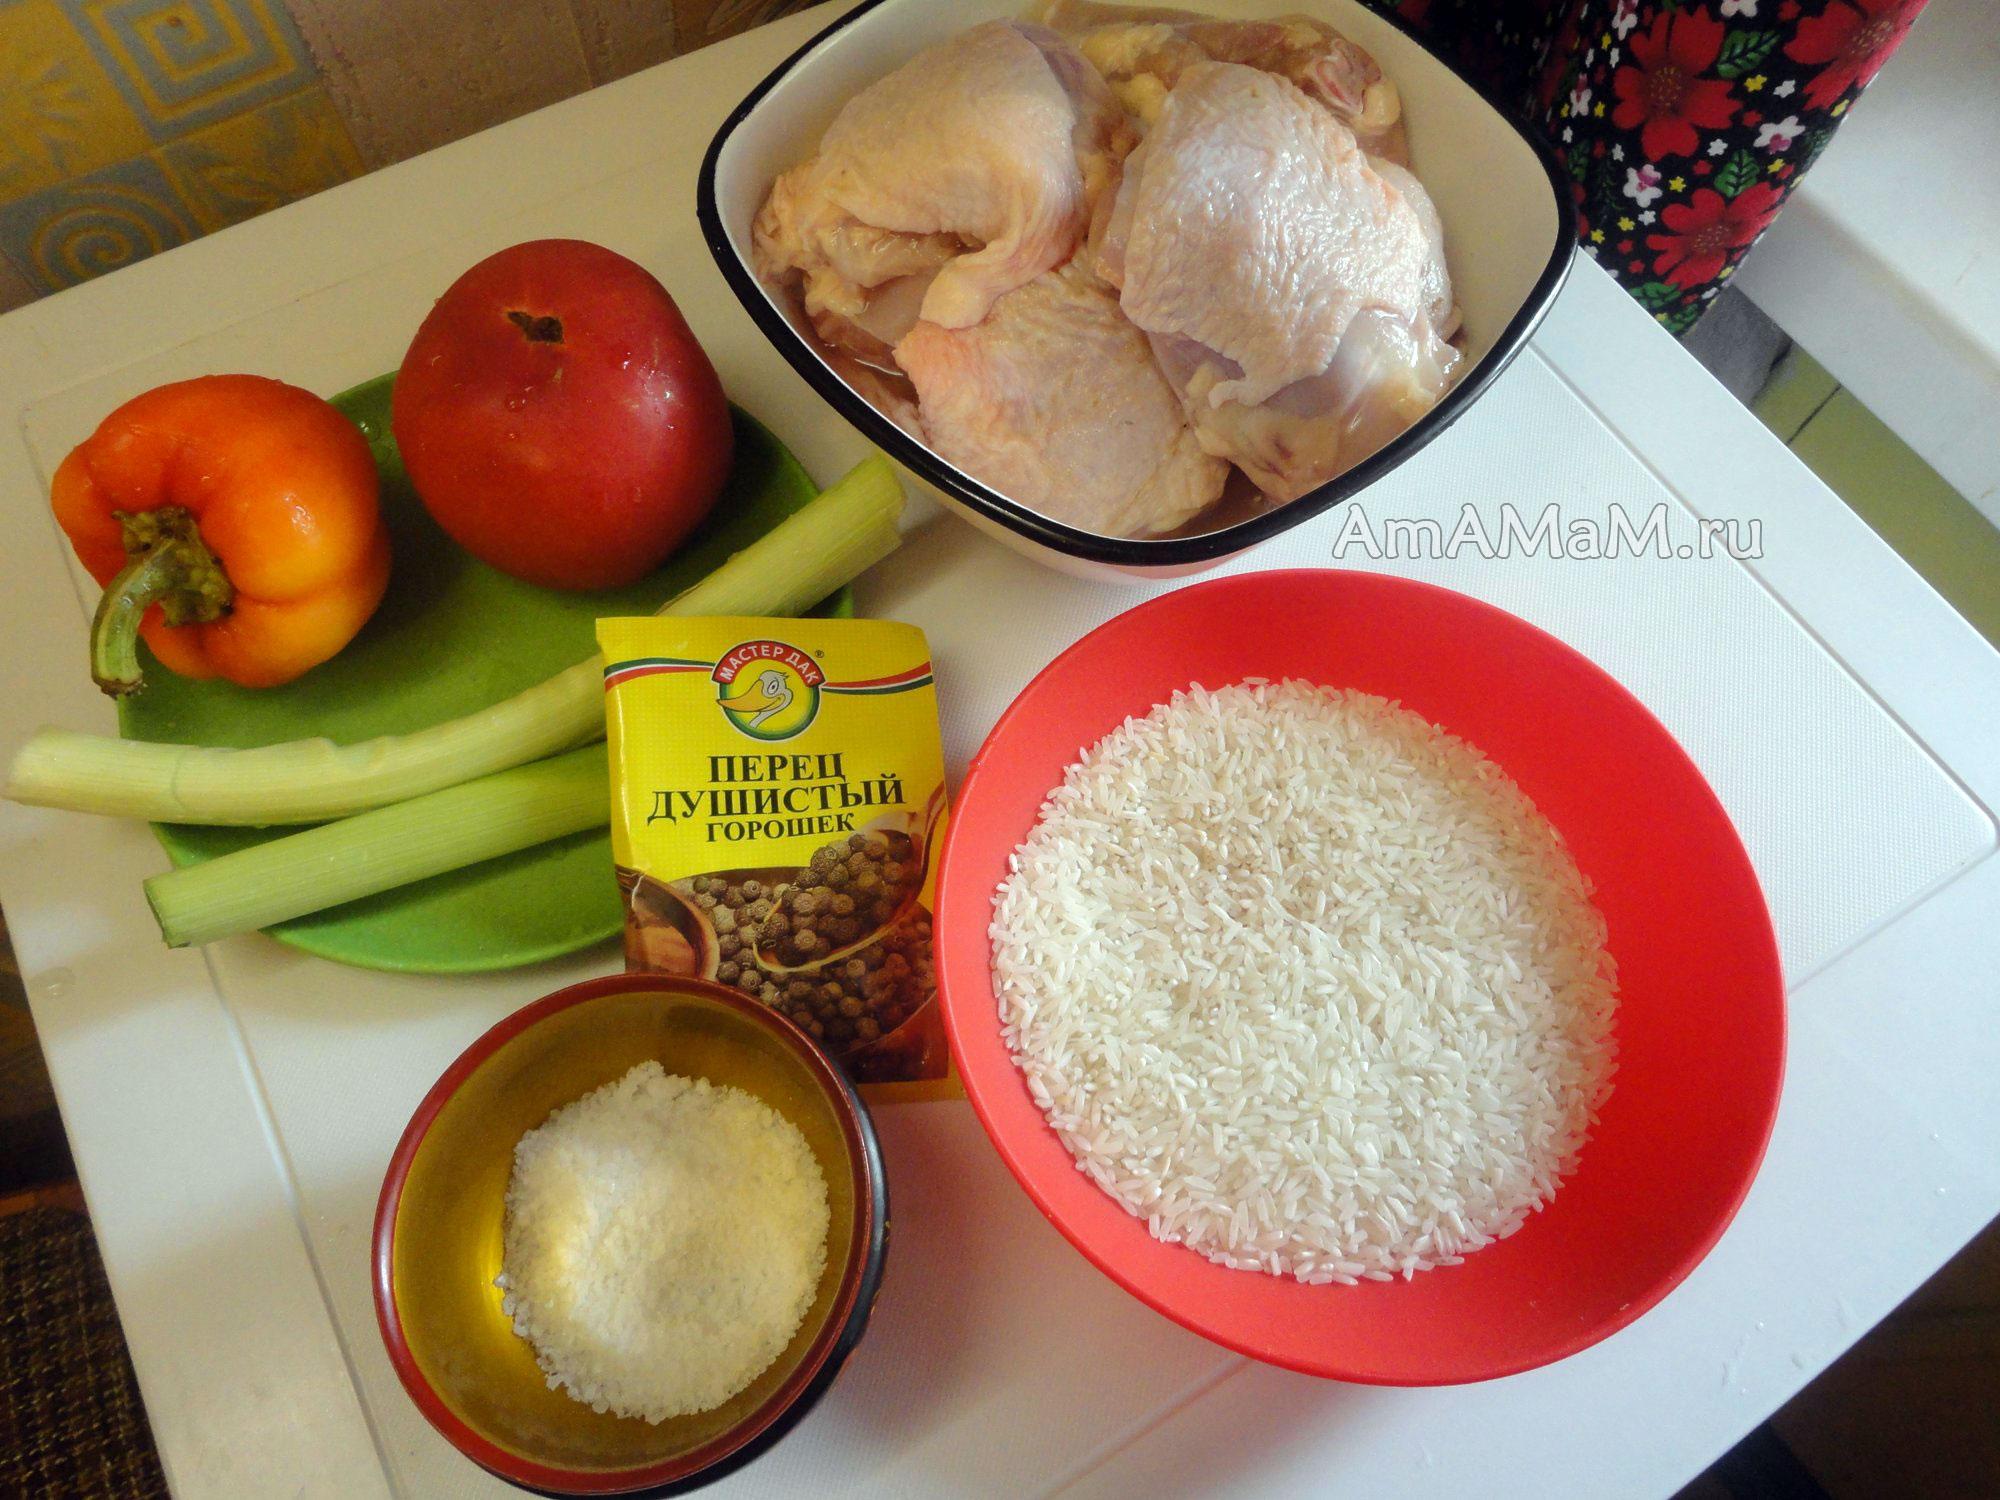 Рис с курицей - 152 домашних вкусных рецепта приготовления